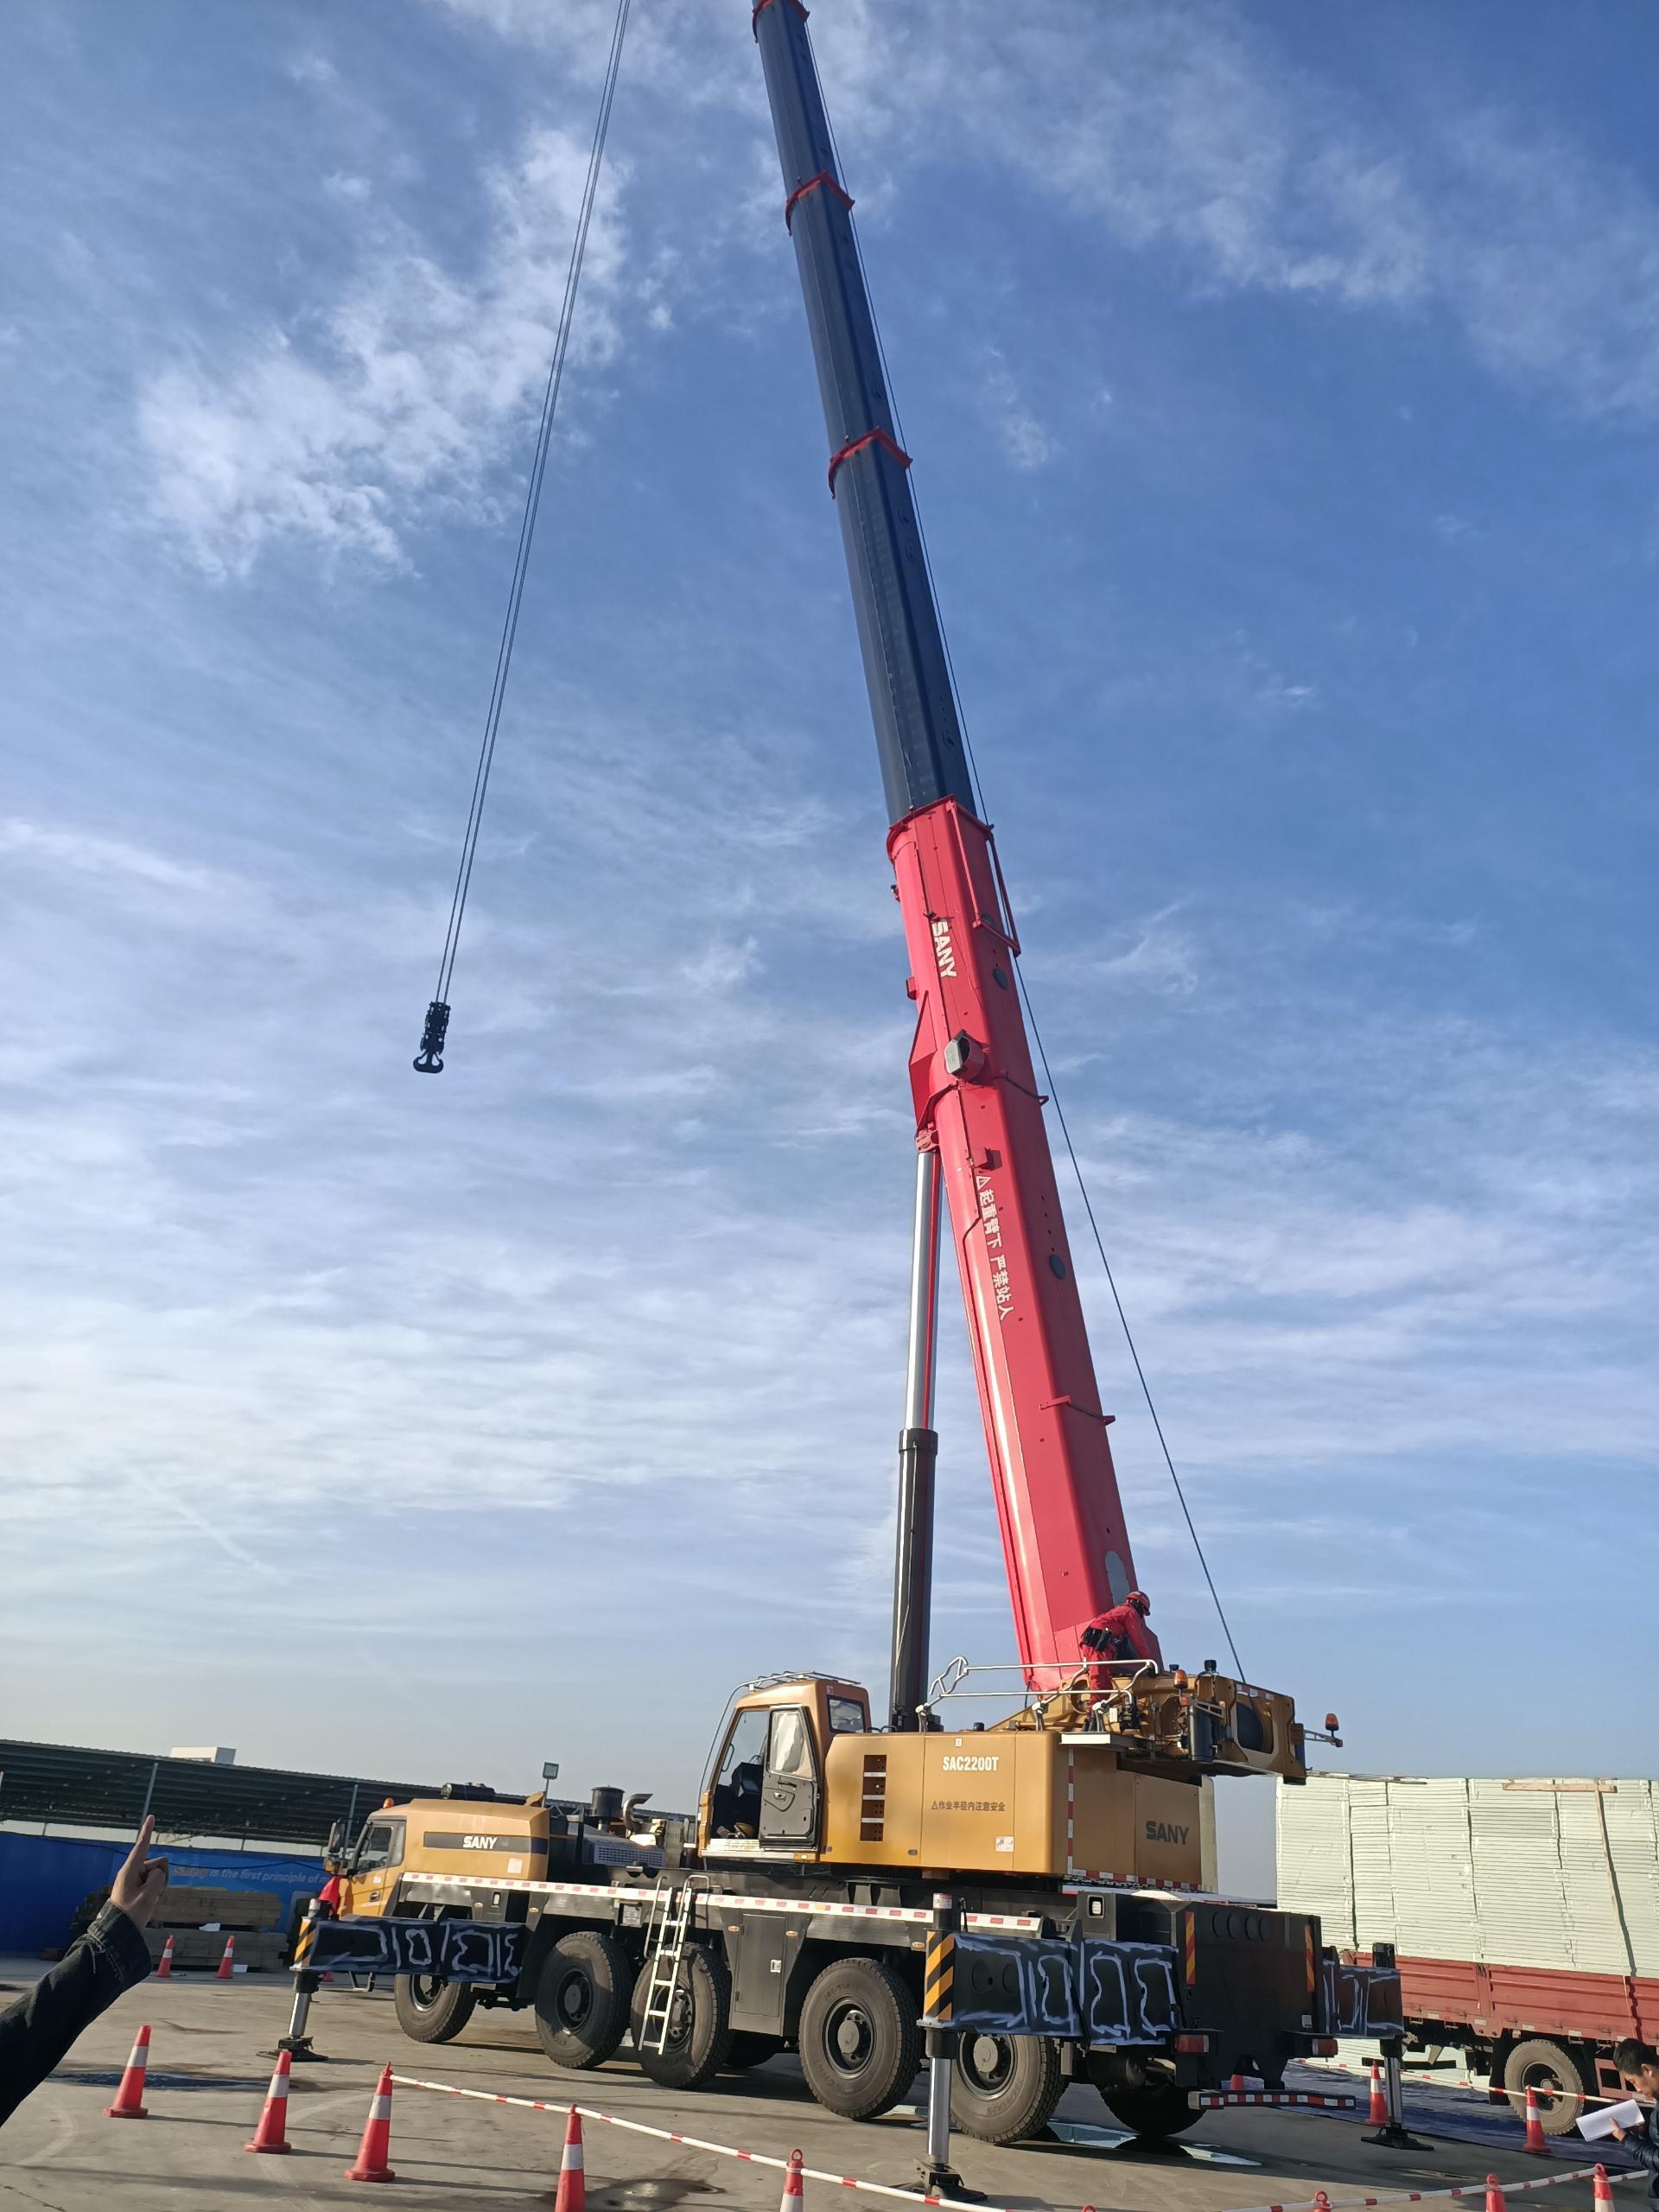 陕西200吨吊车哪家有_桩工机械哪家便宜-陕西浩宇吊装搬运有限公司